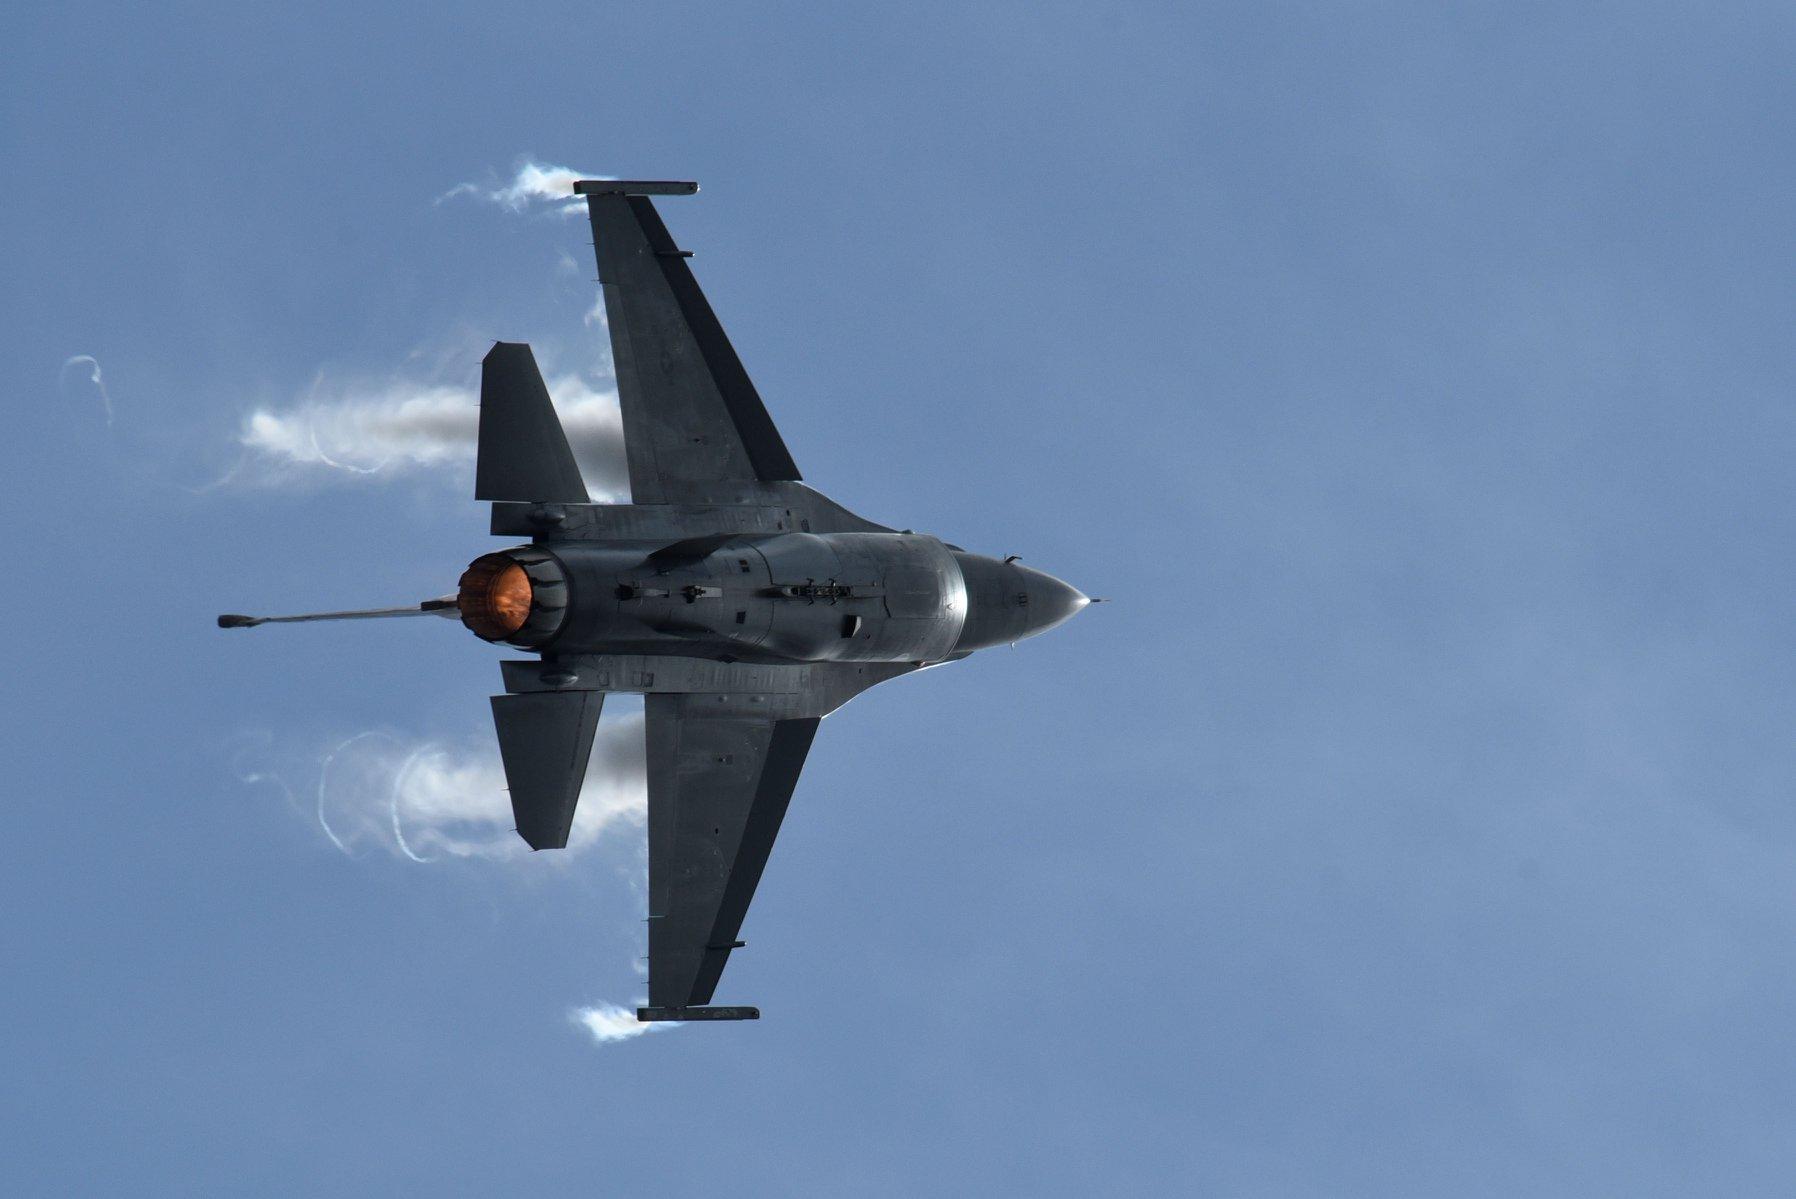 Με τα VIPER λένε «αντίο» τα τουρκικά F-16: Τον Δεκέμβριο μπαίνει στο εργοστάσιο το πρώτο ελληνικό μαχητικό – Θα είναι εξοπλισμένο με «θανατηφόρο» πύραυλο